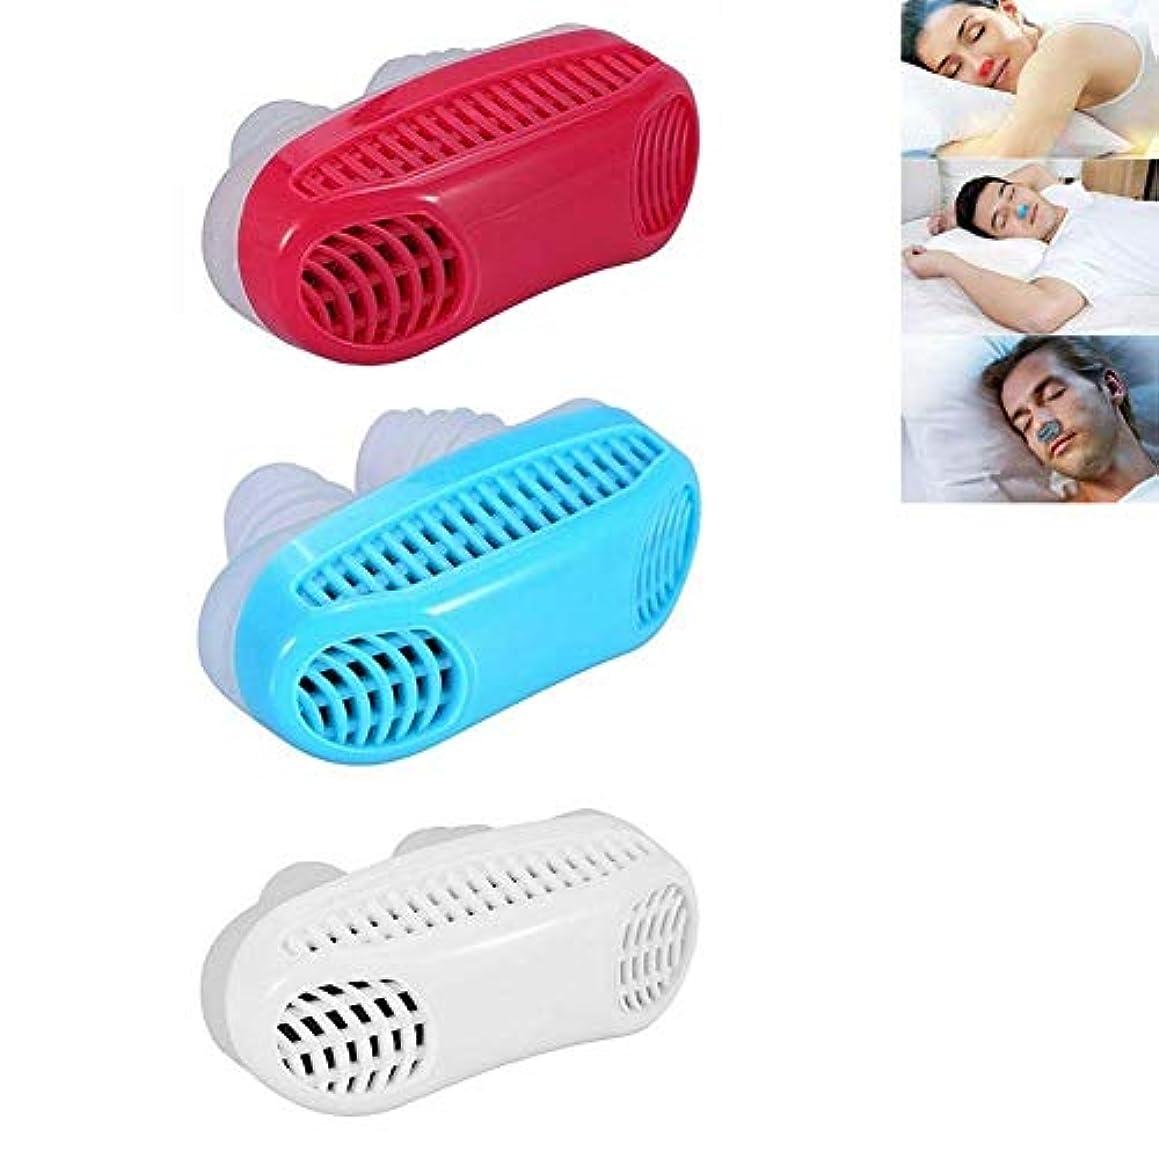 幸福忌まわしい放出3ピース安全ないびきエイズポータブルシリコーン抗いびき空気清浄機鼻いびきストップクリップ2-in-1健康睡眠ツール